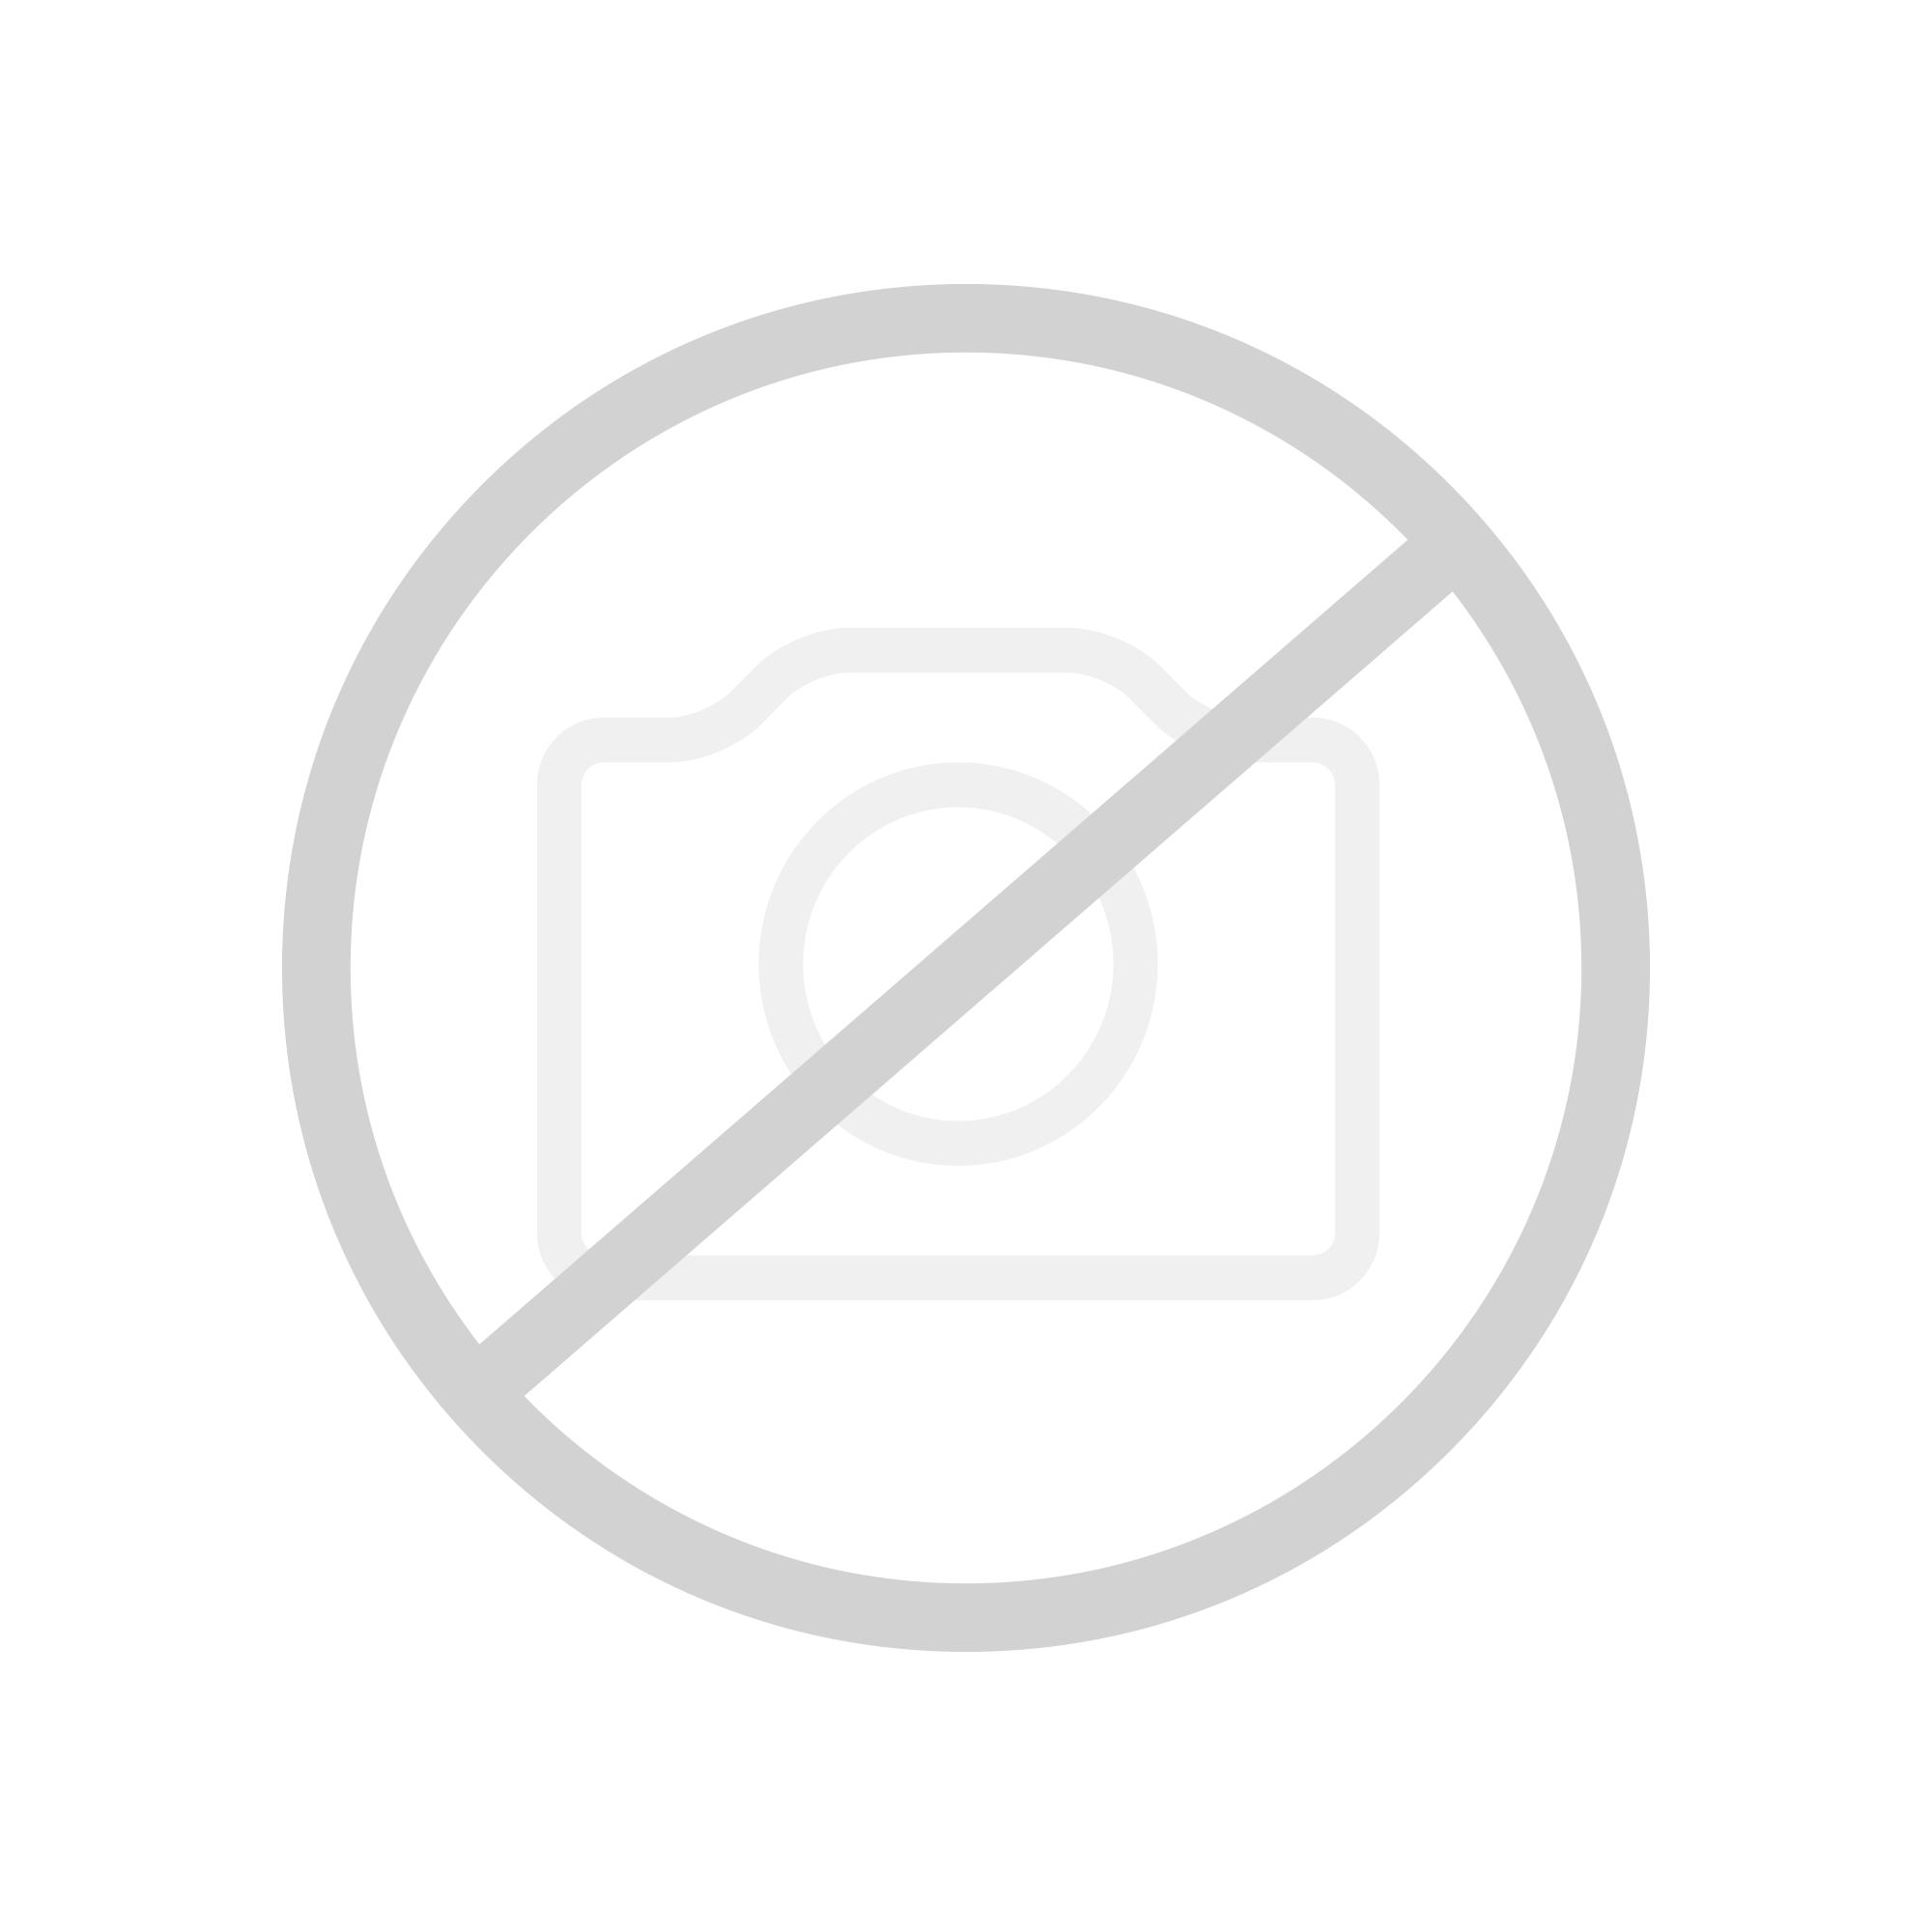 Steinberg Serie 100 Brauseset komplett mit Einhebelmischbatterie